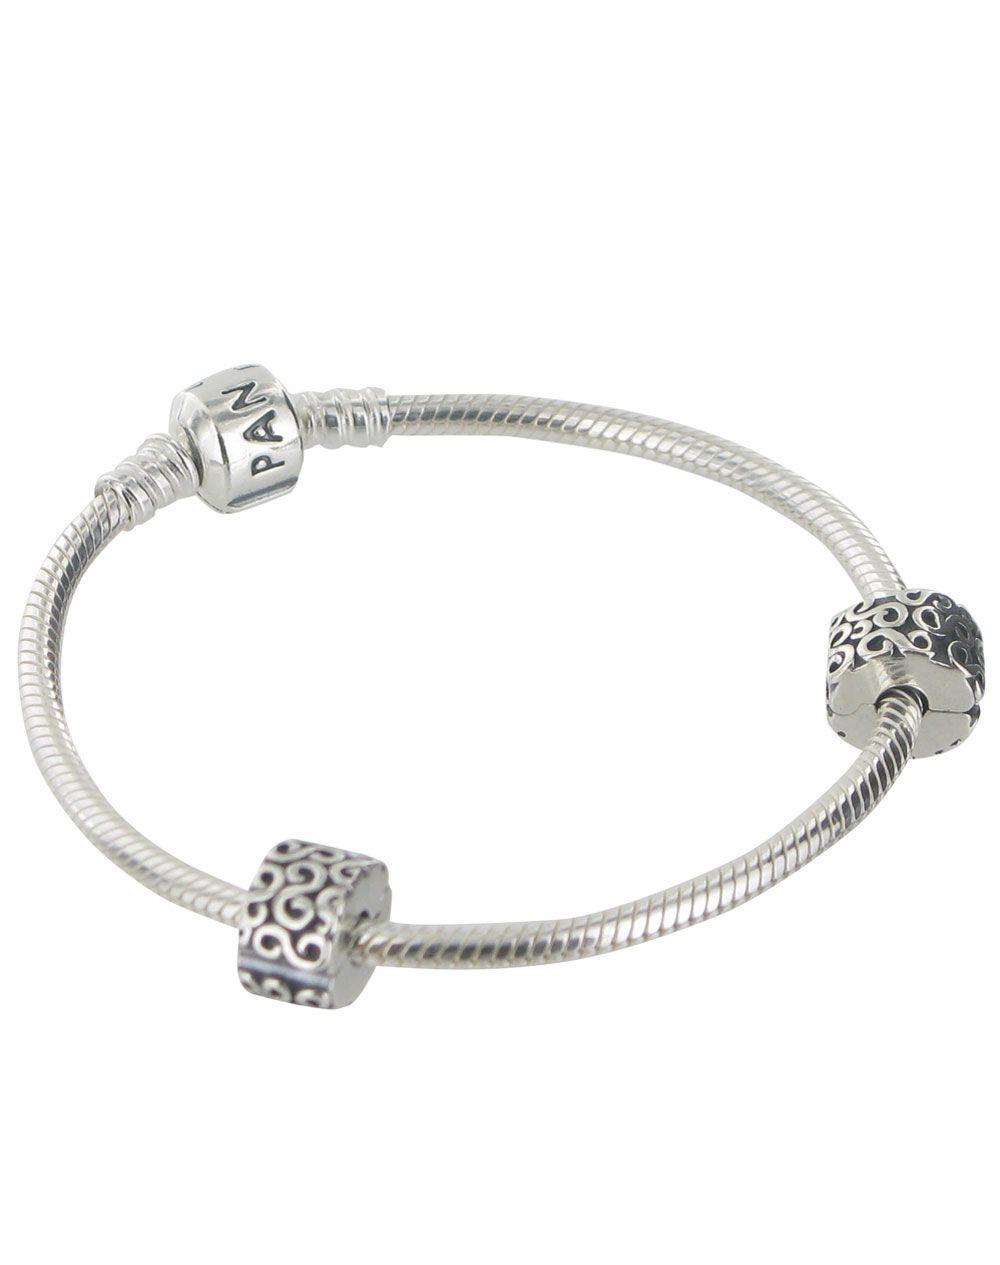 Pandora Charm Bracelet - July 2011